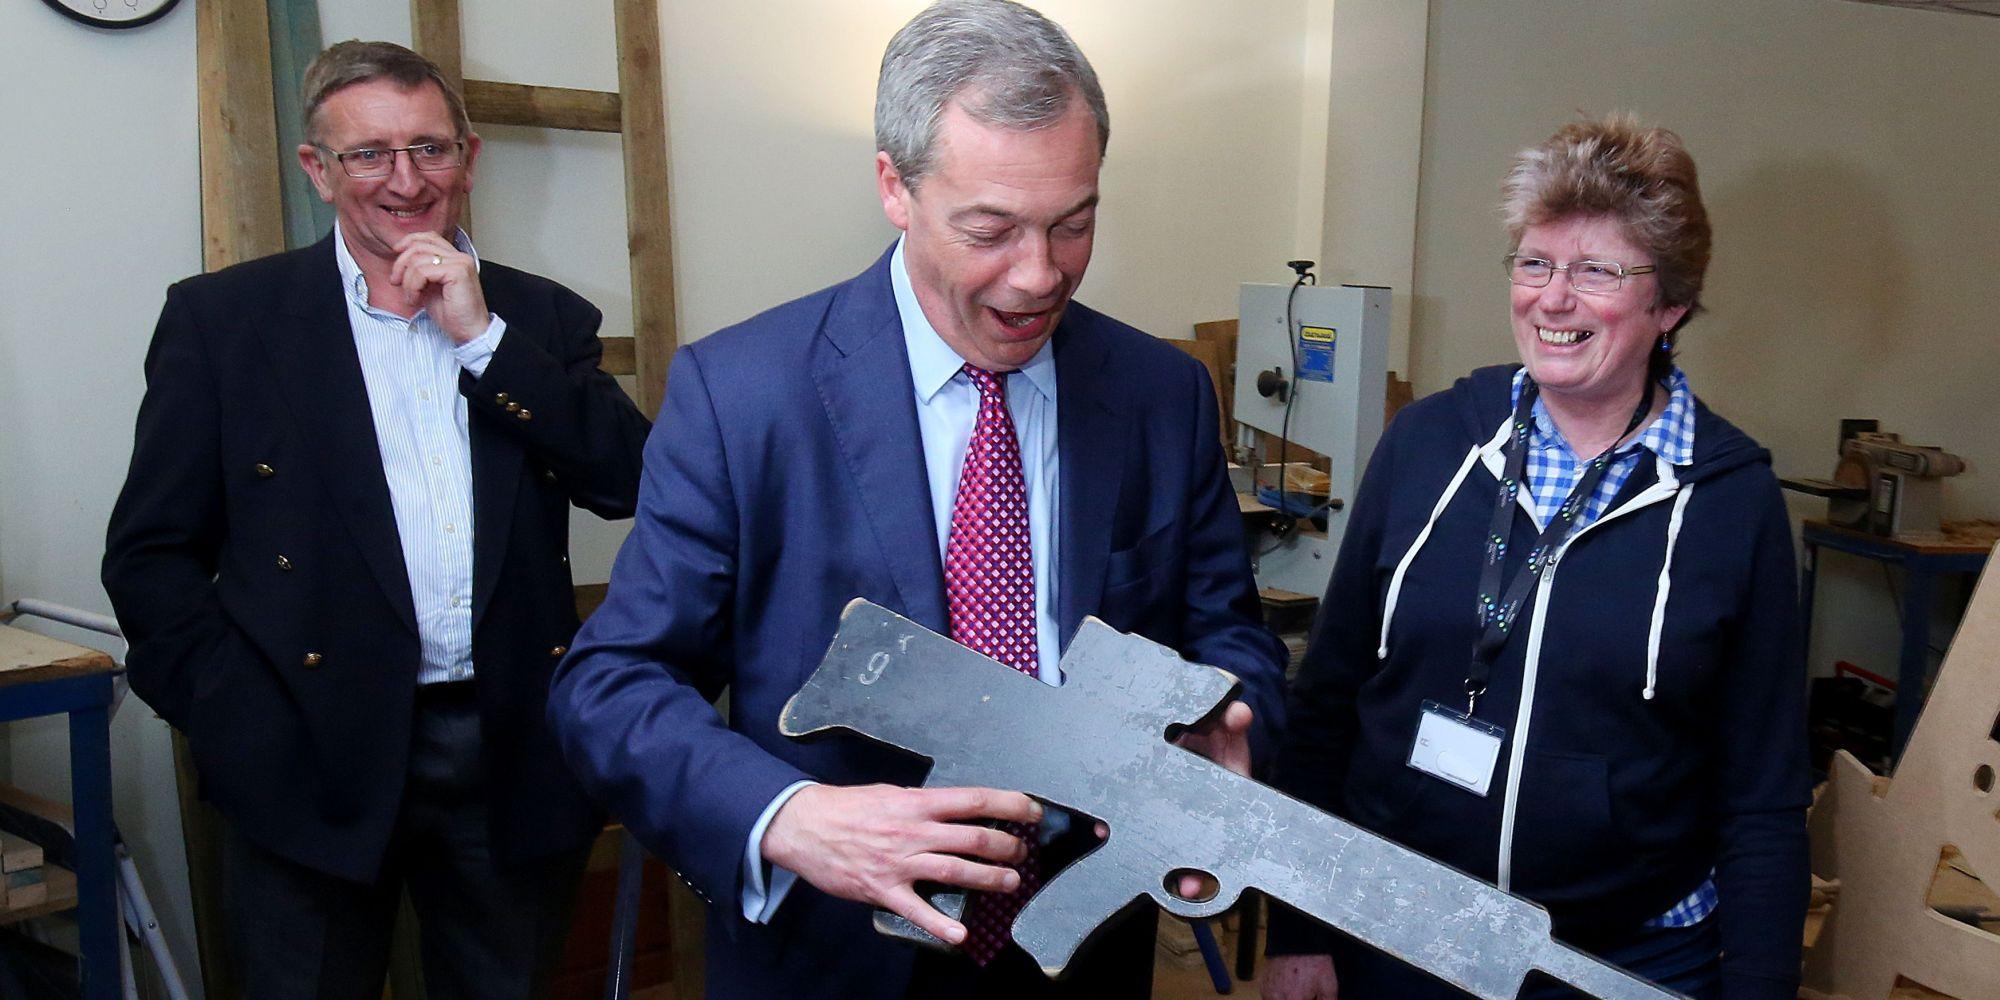 Nigel Farage Blasts Britain's Gun Control Laws As 'Repressive'   HuffPost UK